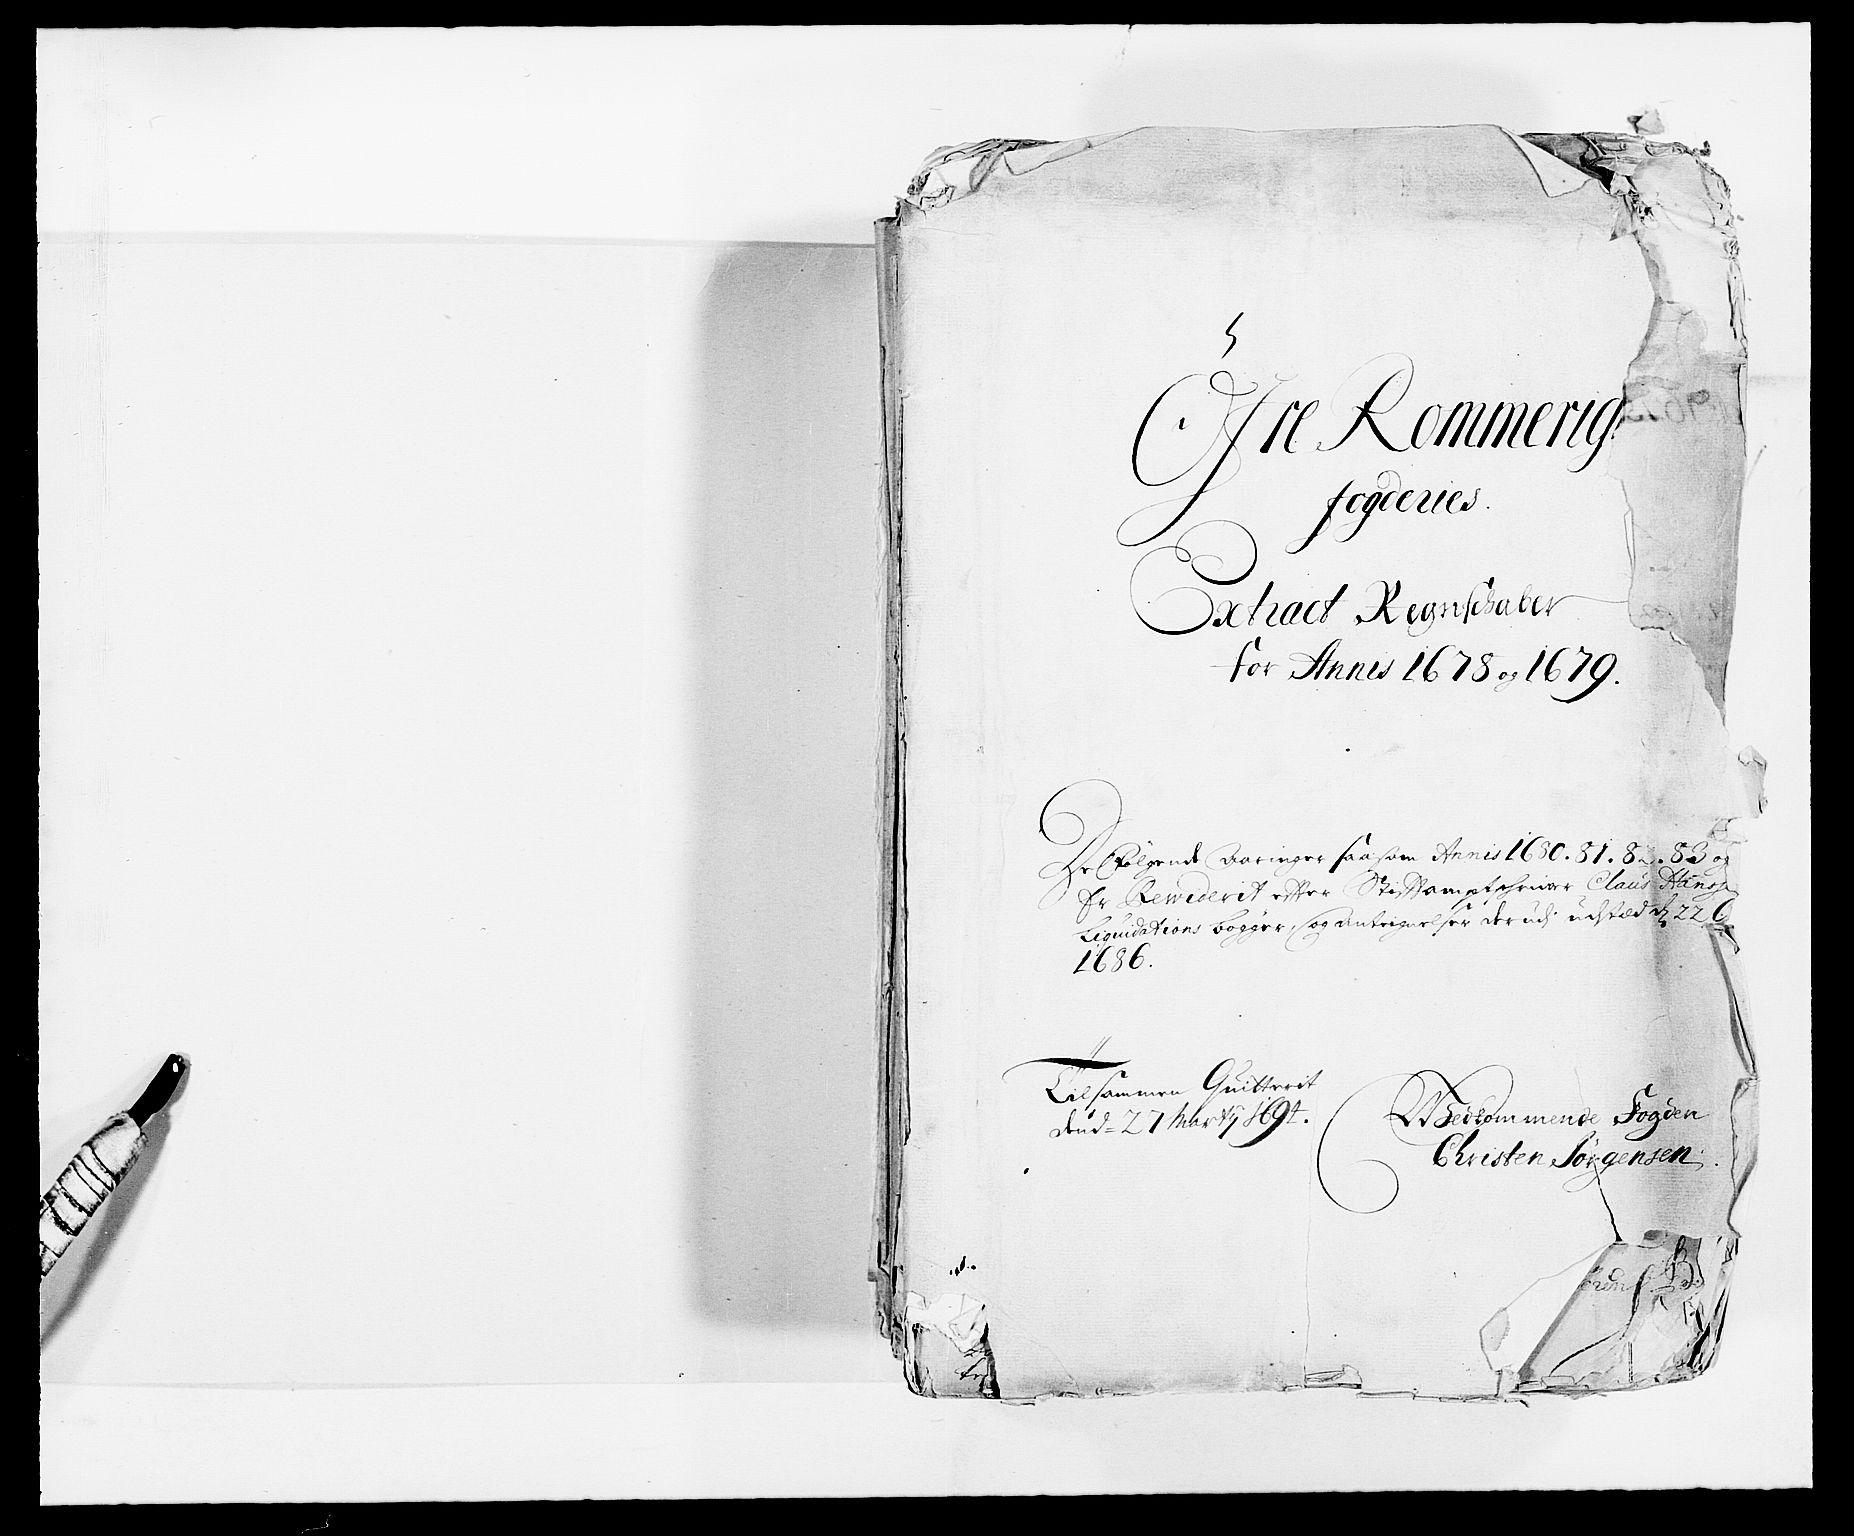 RA, Rentekammeret inntil 1814, Reviderte regnskaper, Fogderegnskap, R12/L0693: Fogderegnskap Øvre Romerike, 1678-1679, s. 2